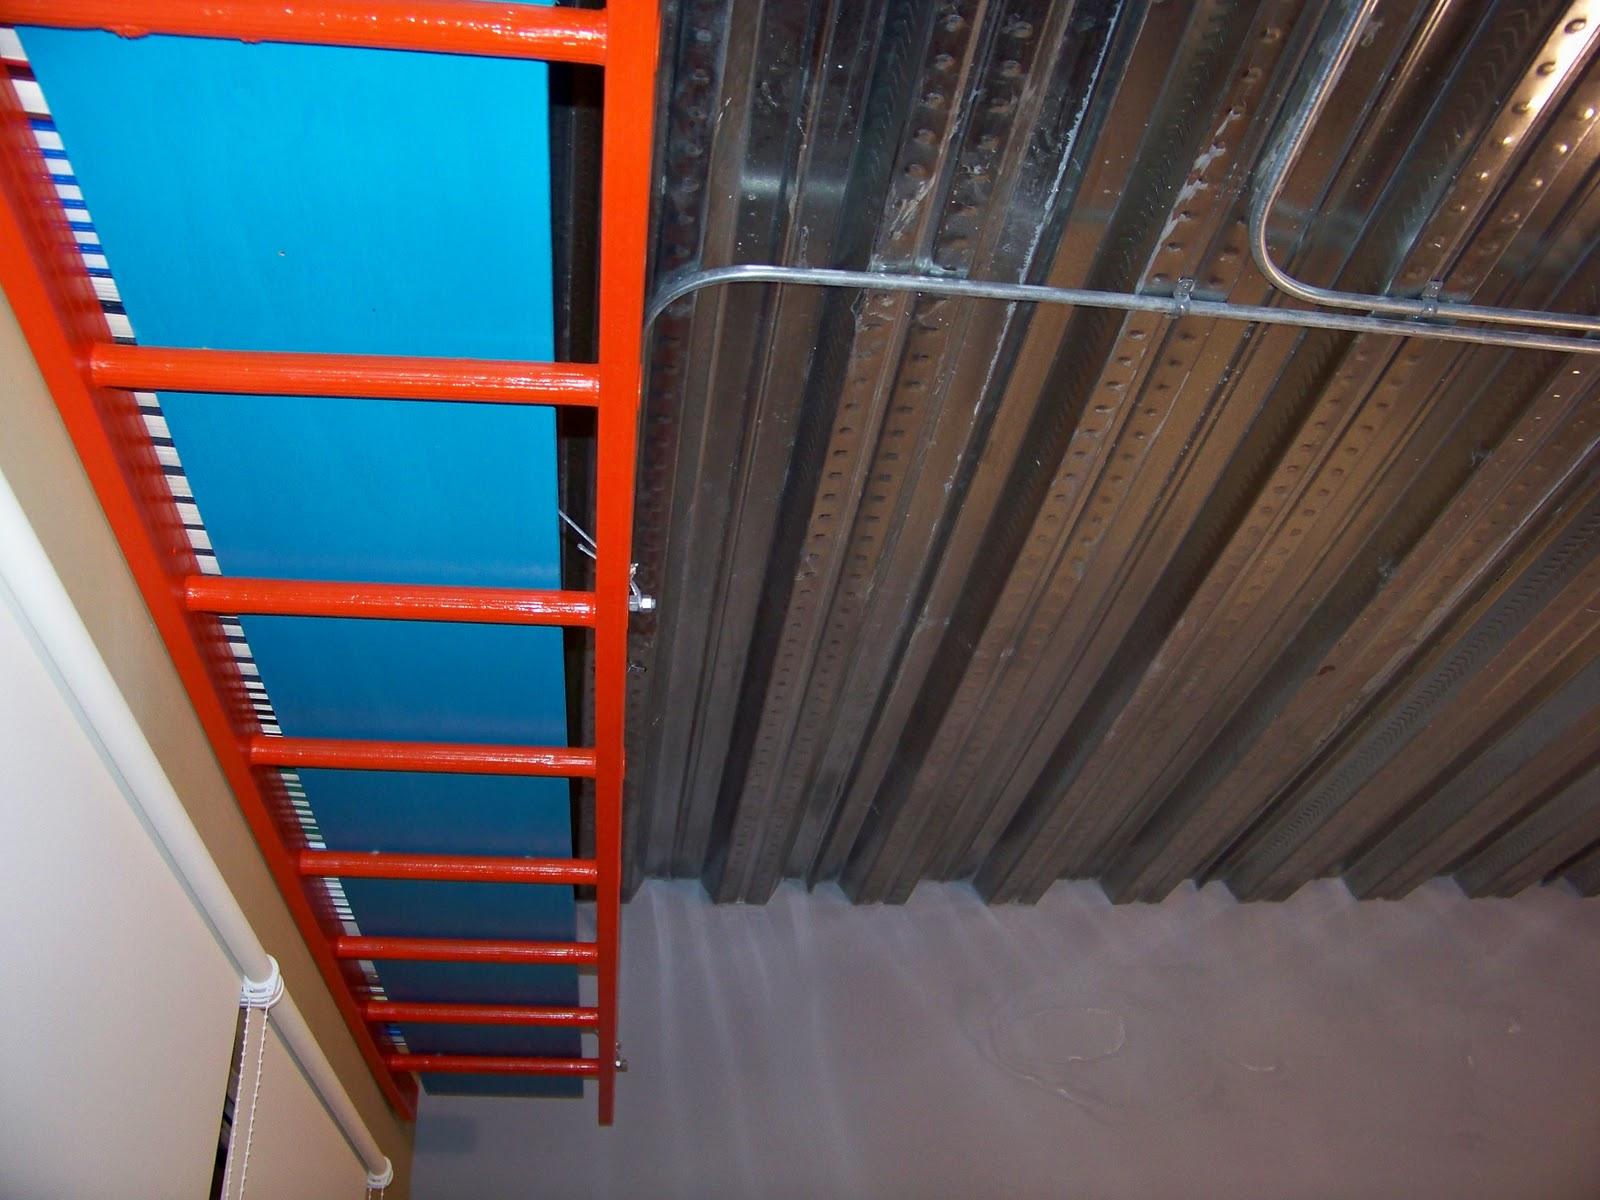 Aaron garcia hernandez escalera librero librero escalera for Librero escalera